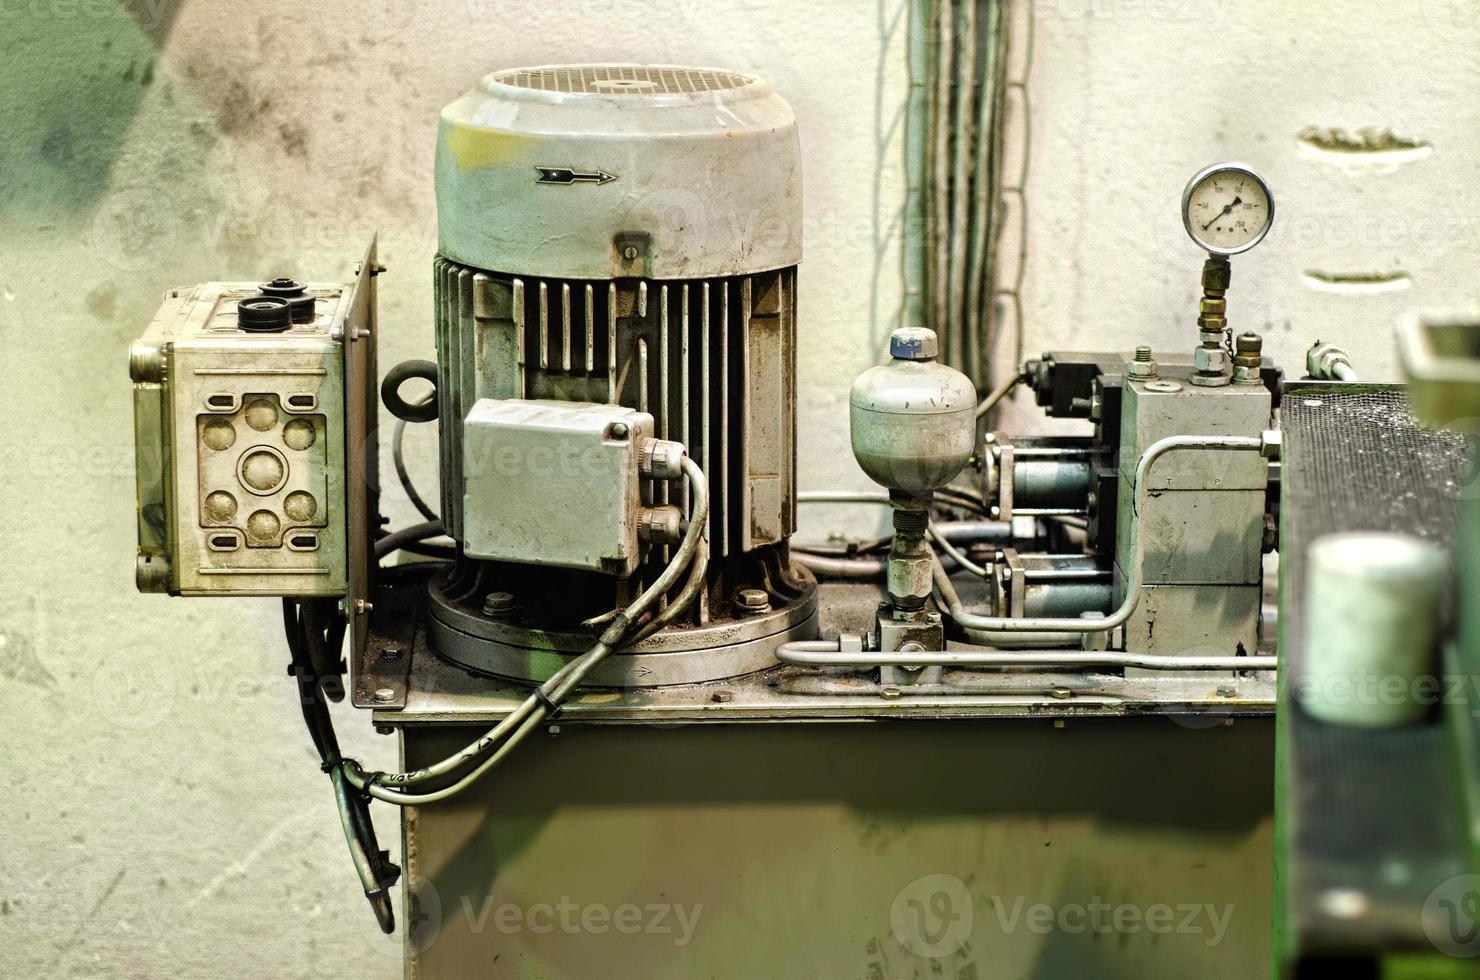 motor eléctrico industrial trifásico foto